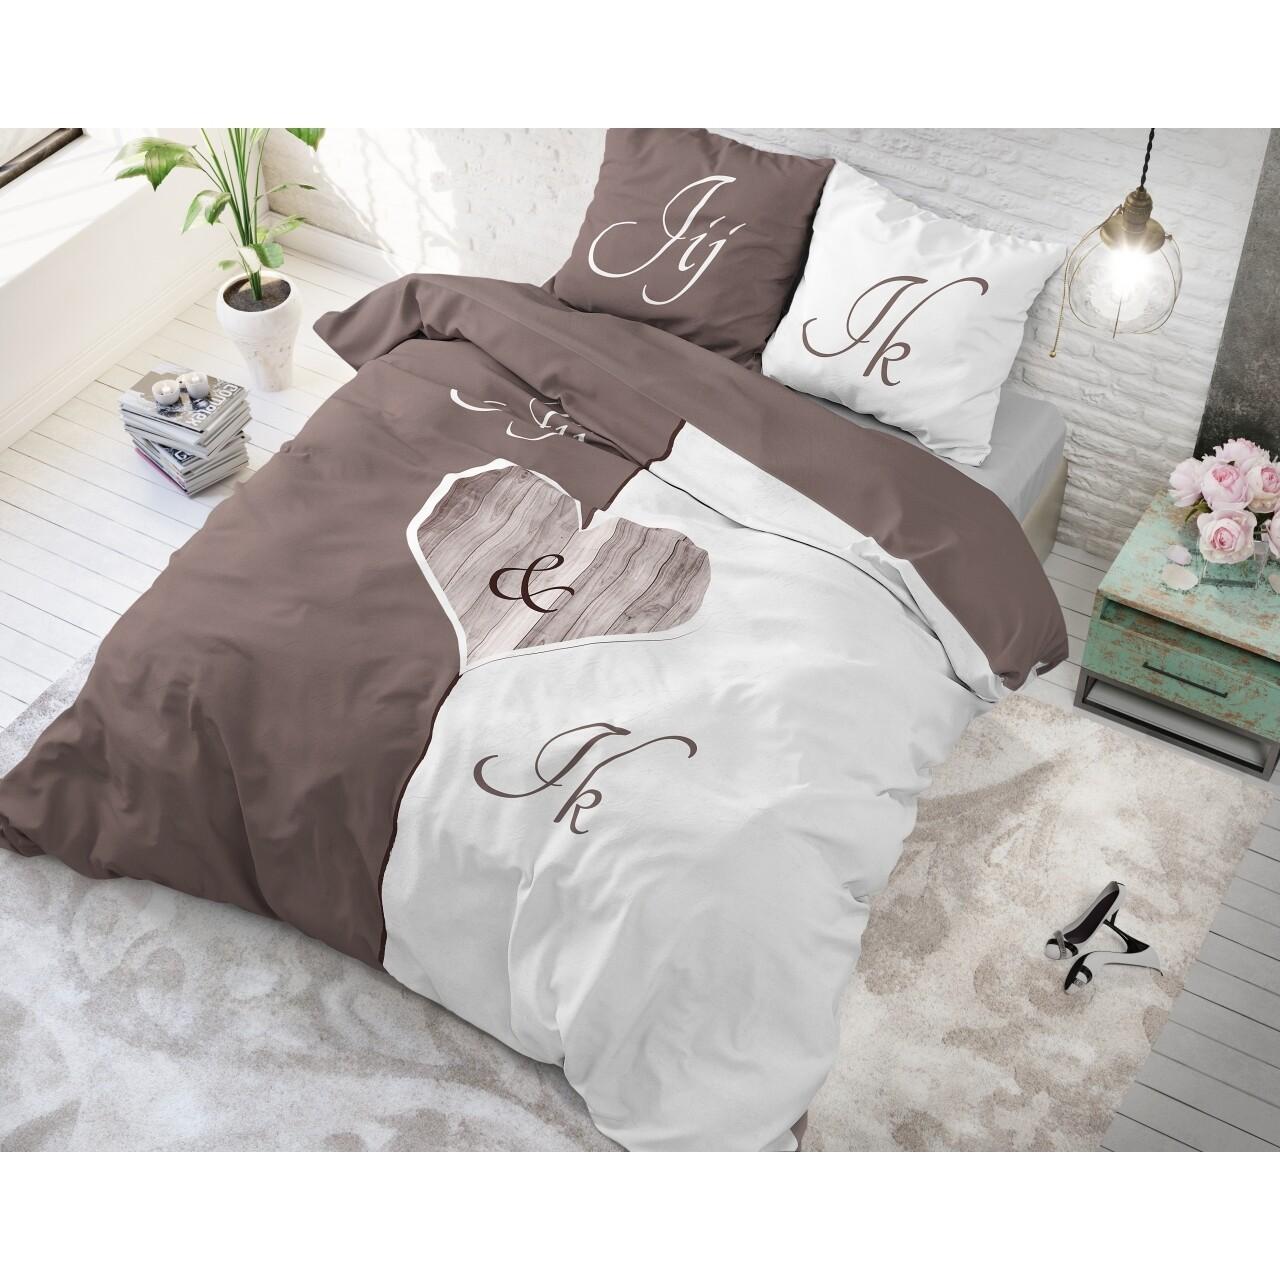 Lenjerie de pat dubla Jij en Ik Cream, Royal Textile, 3 piese, 200 x 220 cm, 100% bumbac